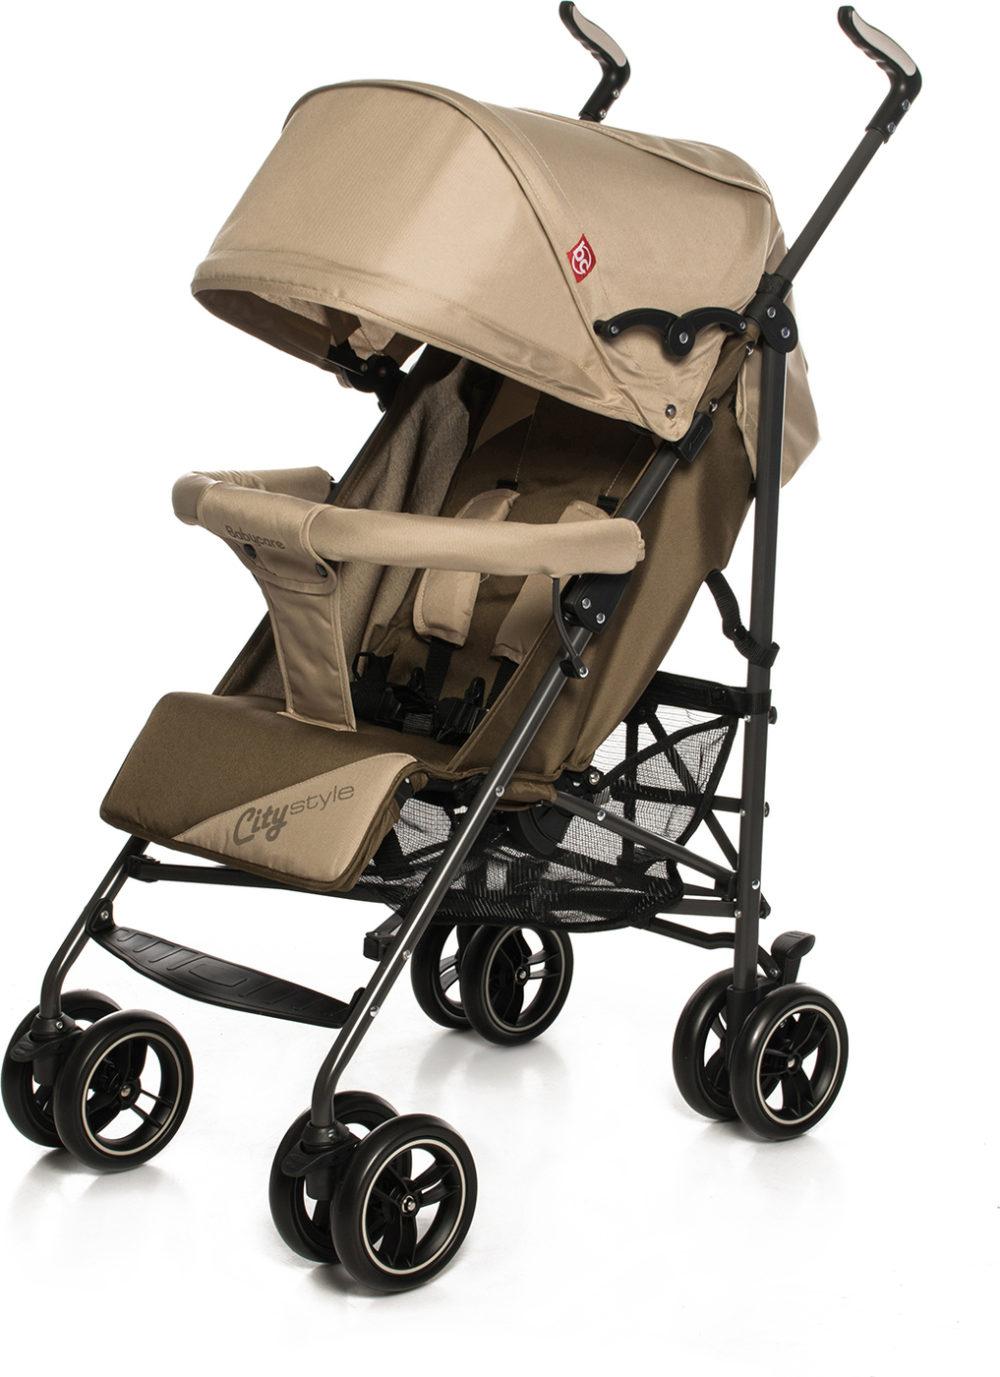 Коляска-трость Baby Care CityStyle (коричневый)